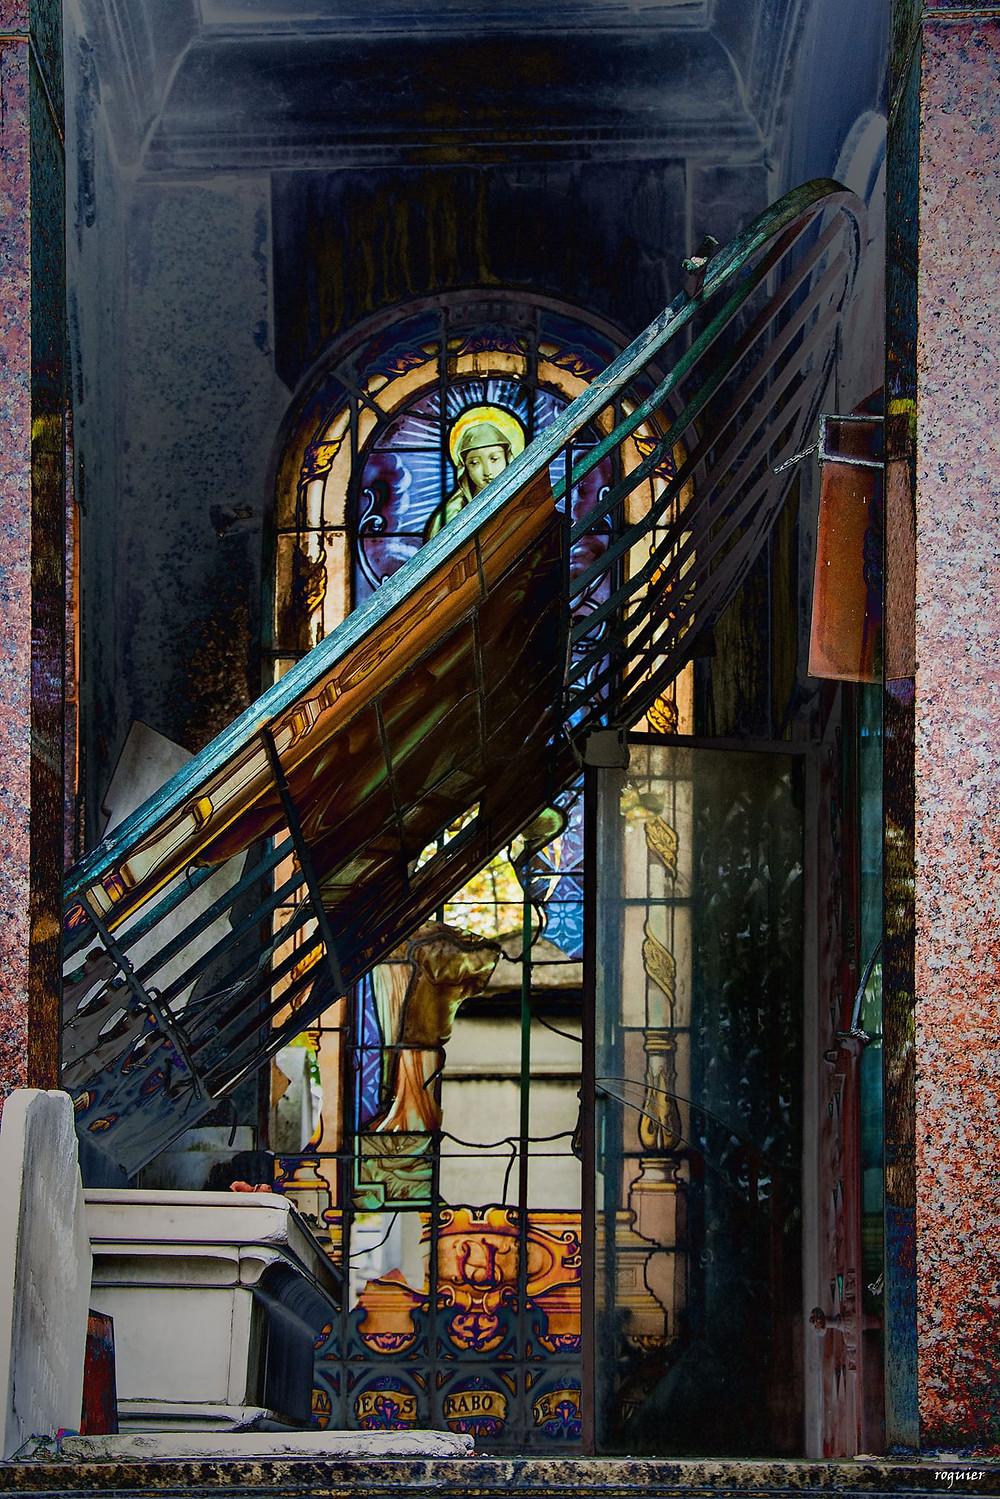 La photo qui sert d'illustration au texte est un cliché pris au cimetière du Père Lachaise à Paris